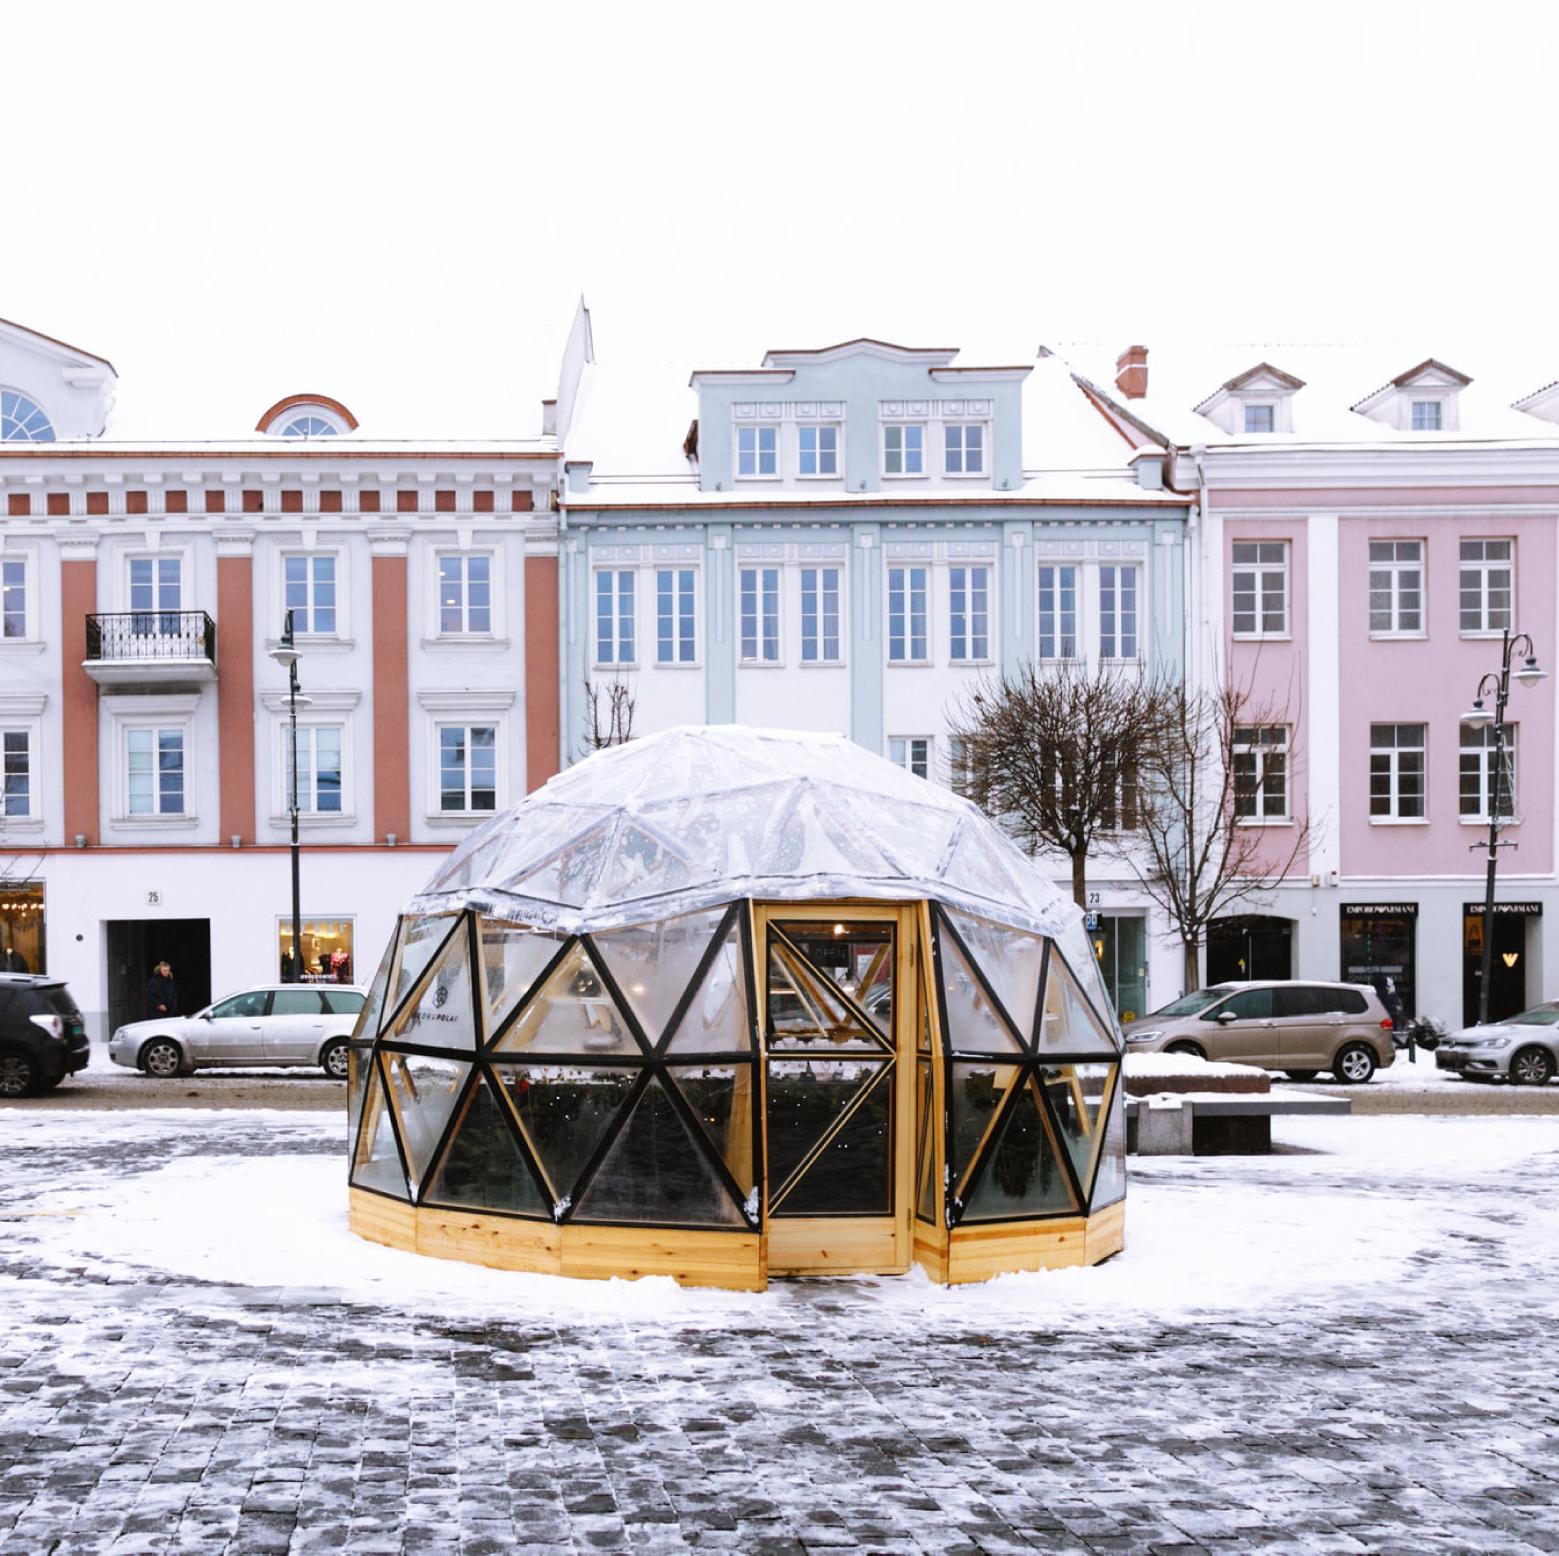 Mercado de Natal, Vlinius, Lituânia